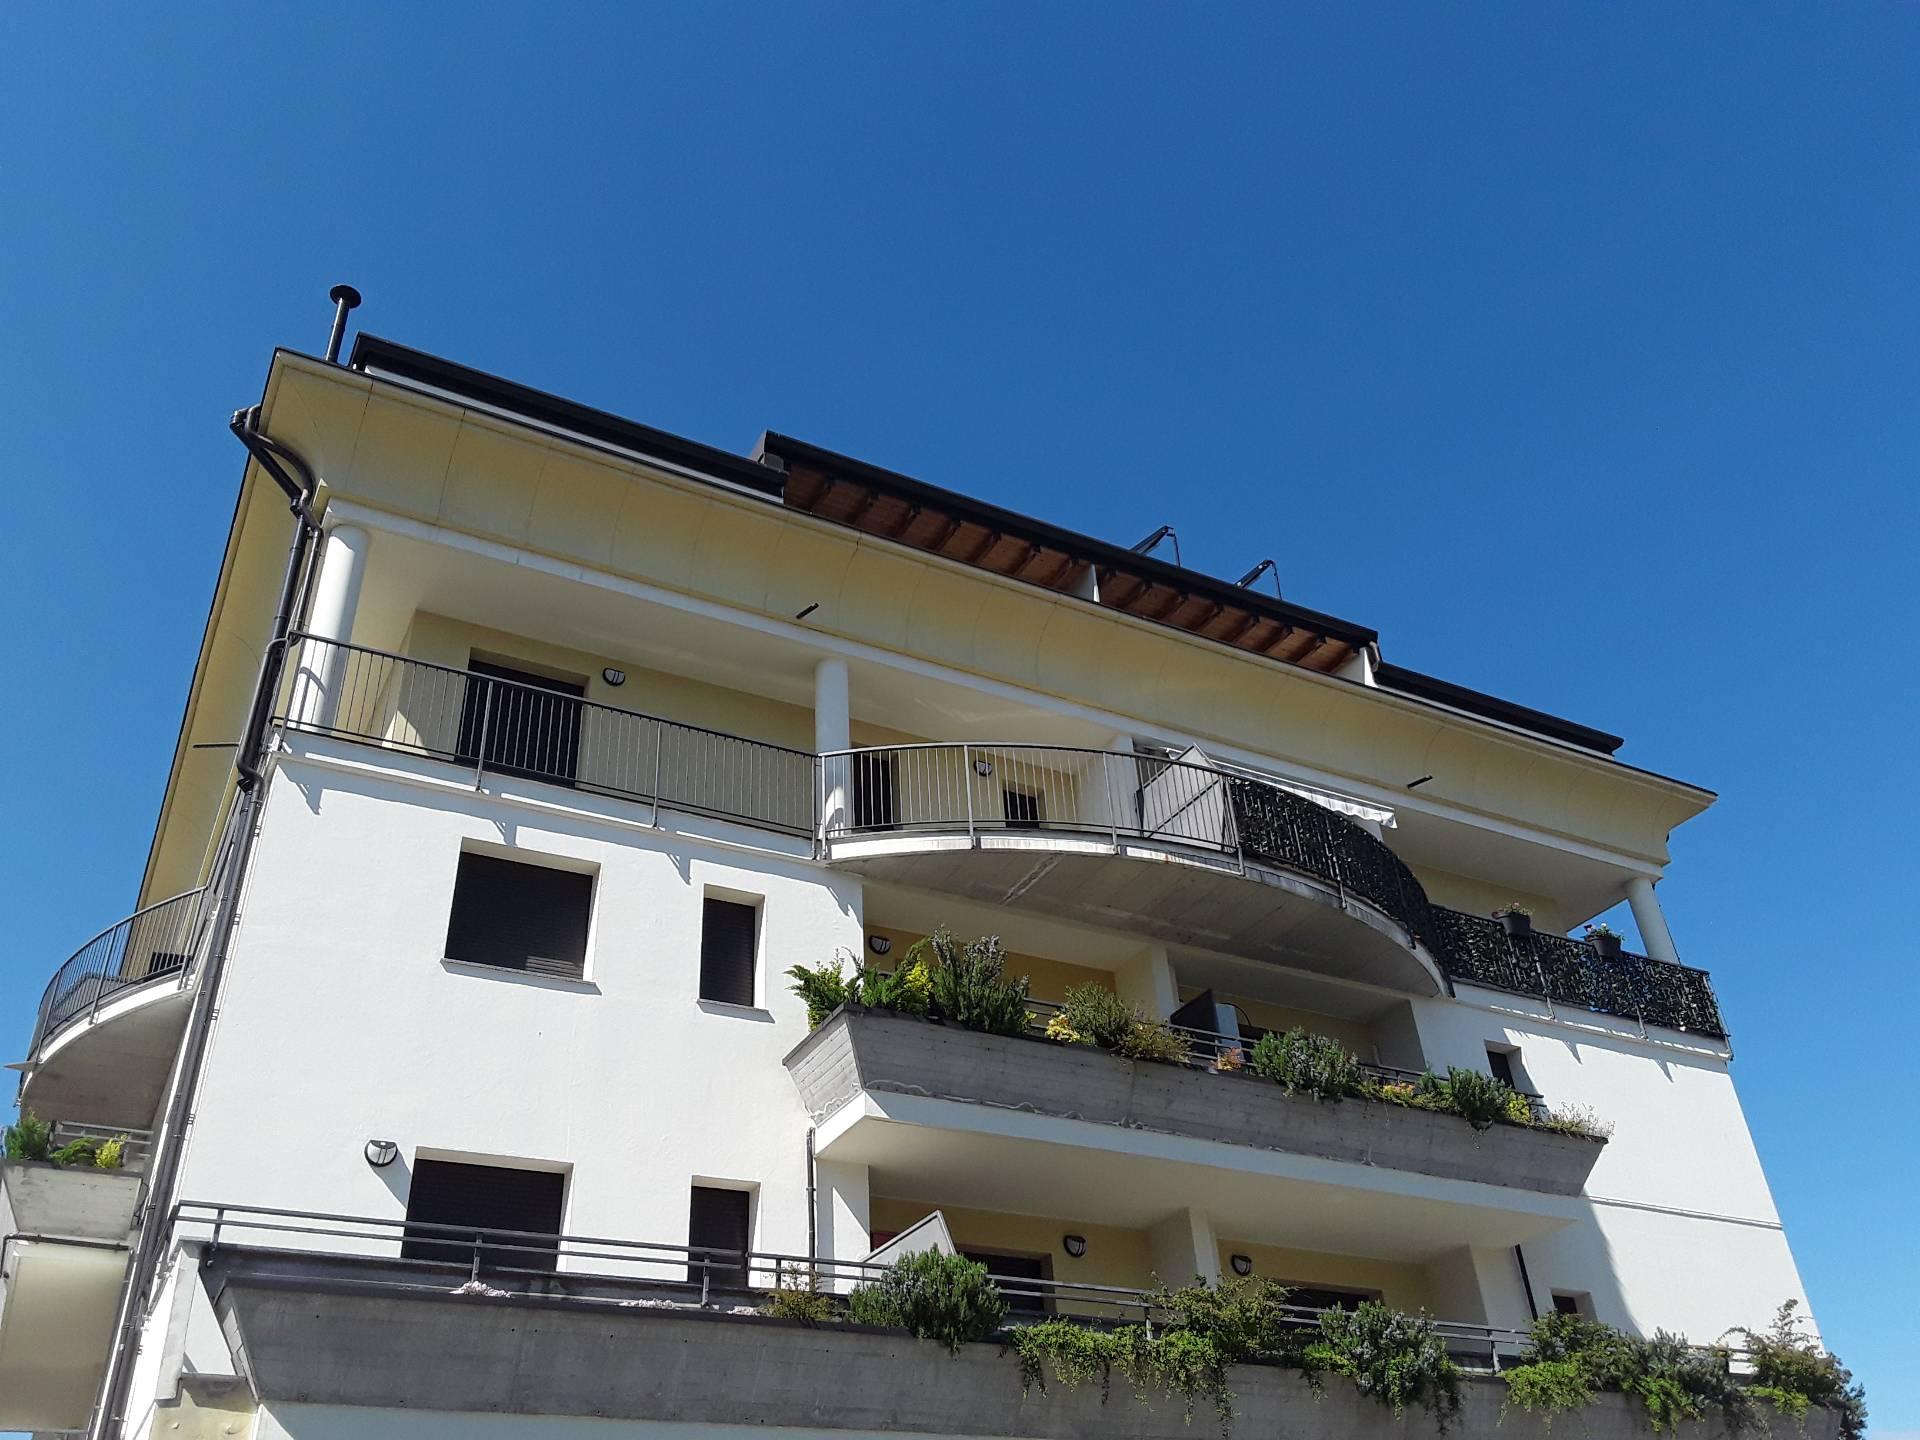 Appartamento in vendita a Castellanza, 3 locali, prezzo € 137.000 | CambioCasa.it